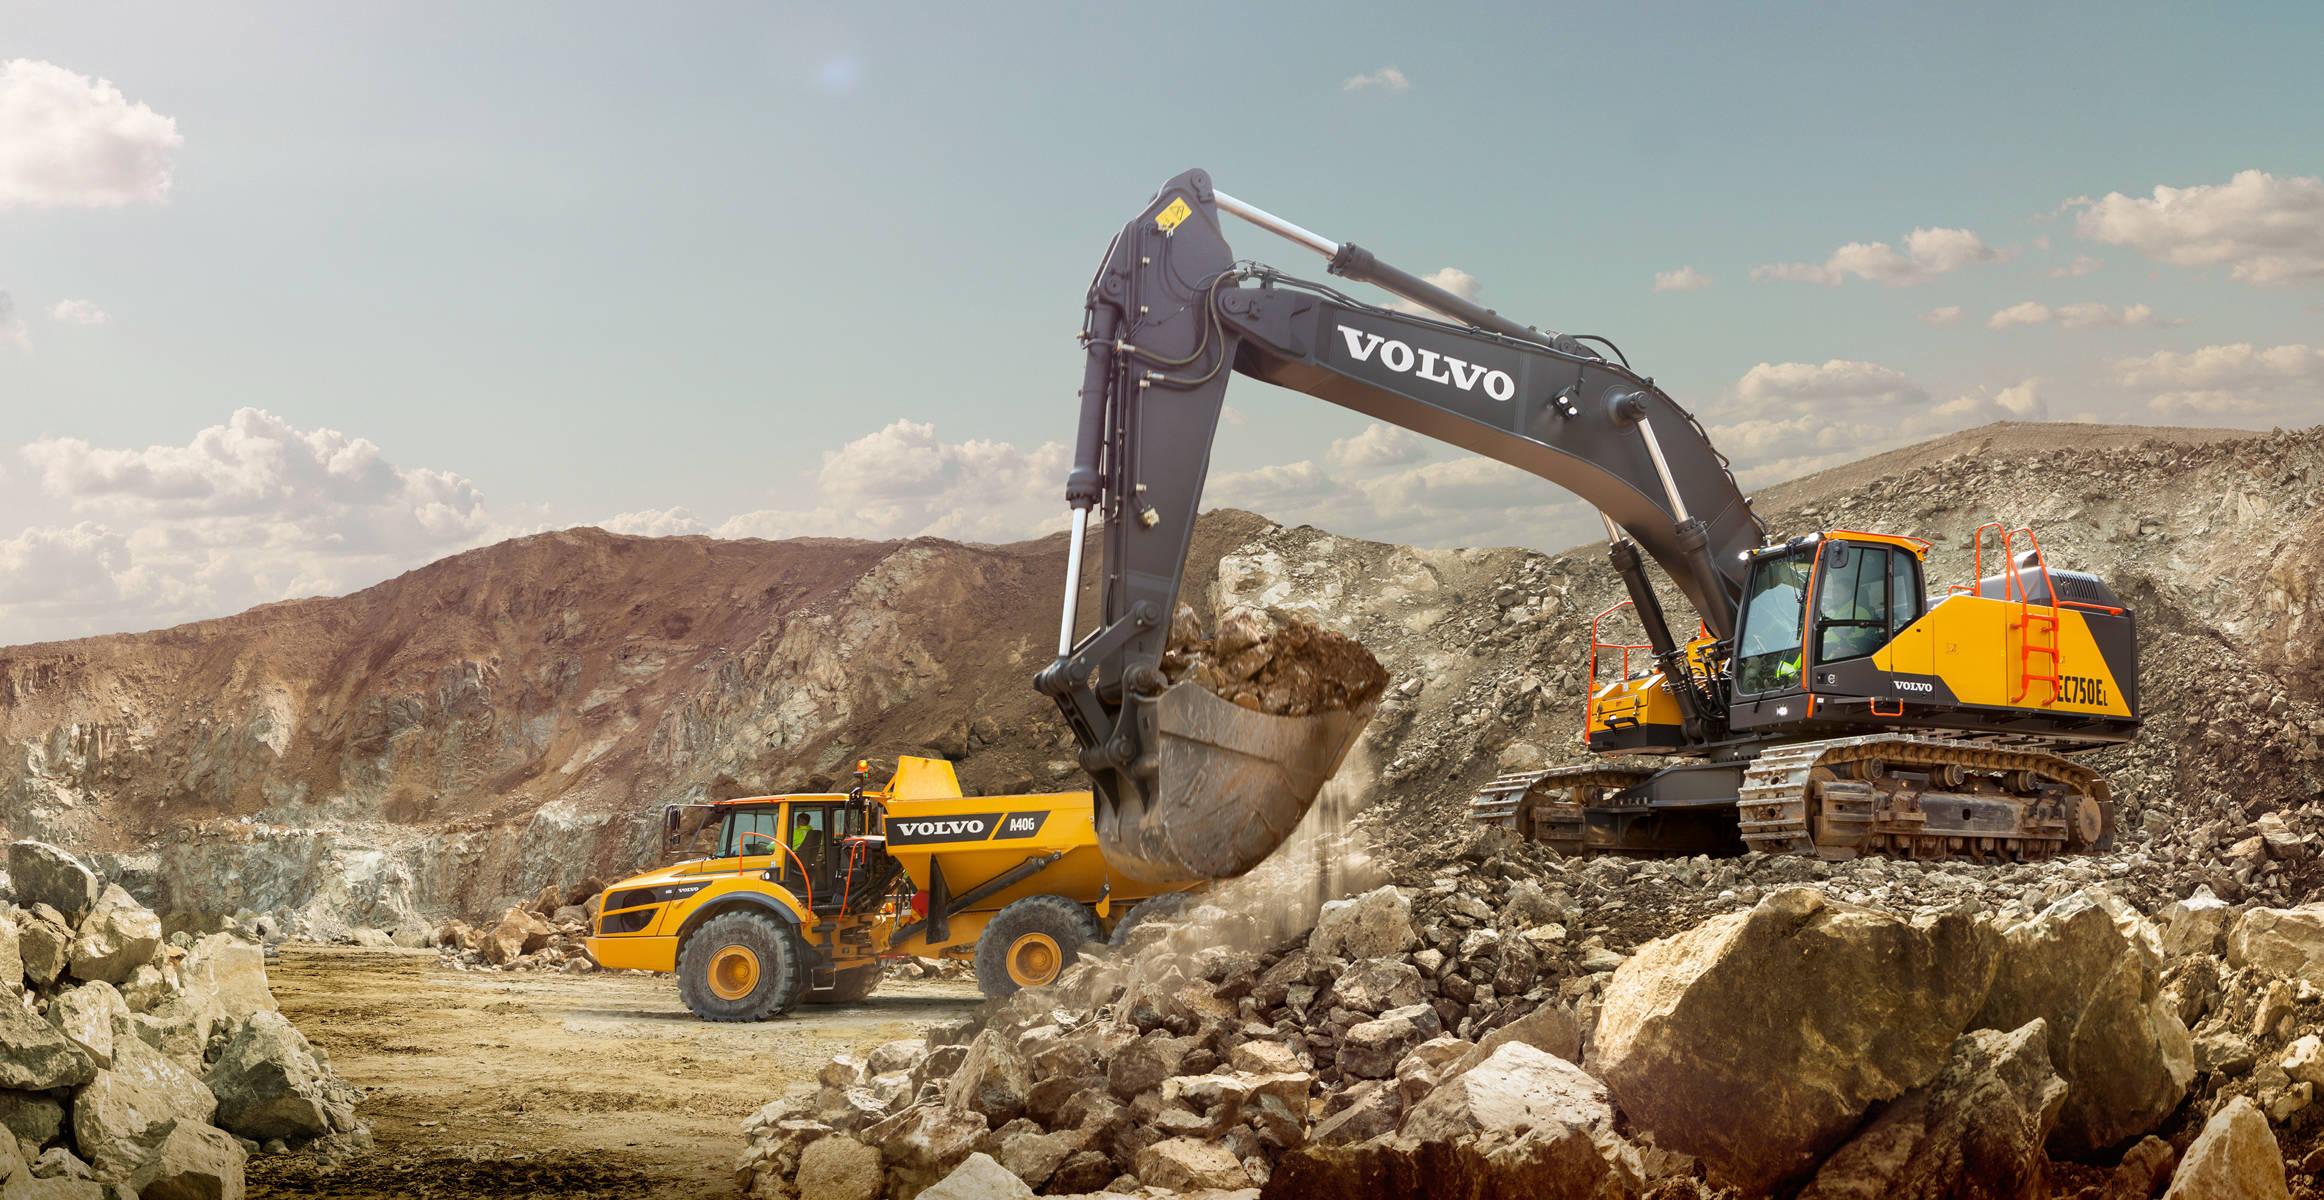 pale grandi le ammiraglie Volvo-show-crawler-excavator-ec750e-t4f-2324x1200